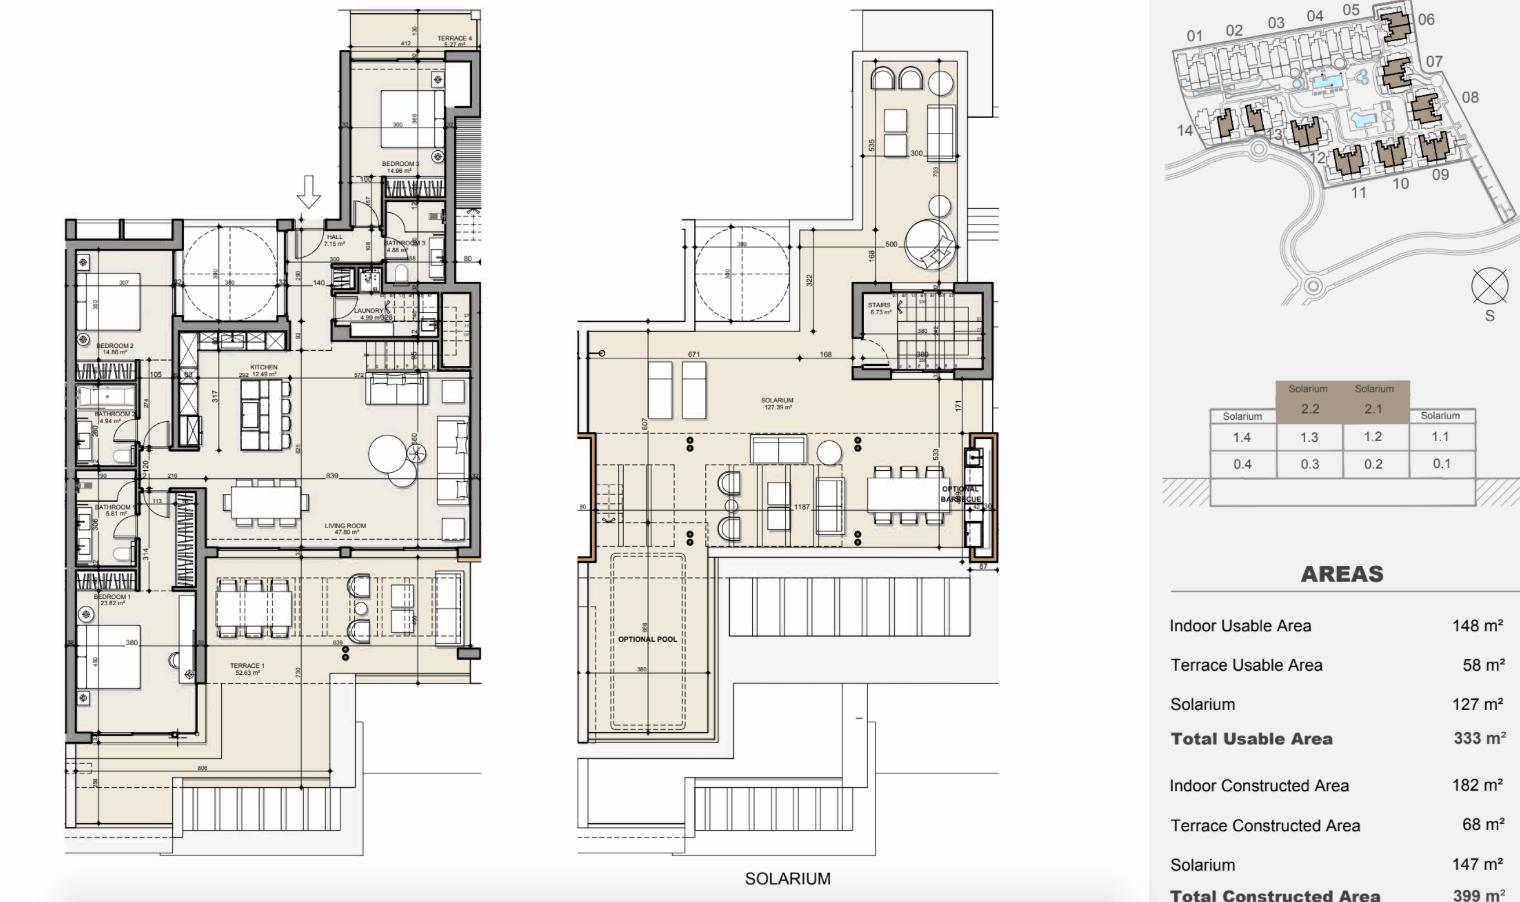 ayana estepona new golden mile resort nieuwbouw modern appartement penthouse te koop wandelafstand zee grondplan penthouse 3 slaapkamers